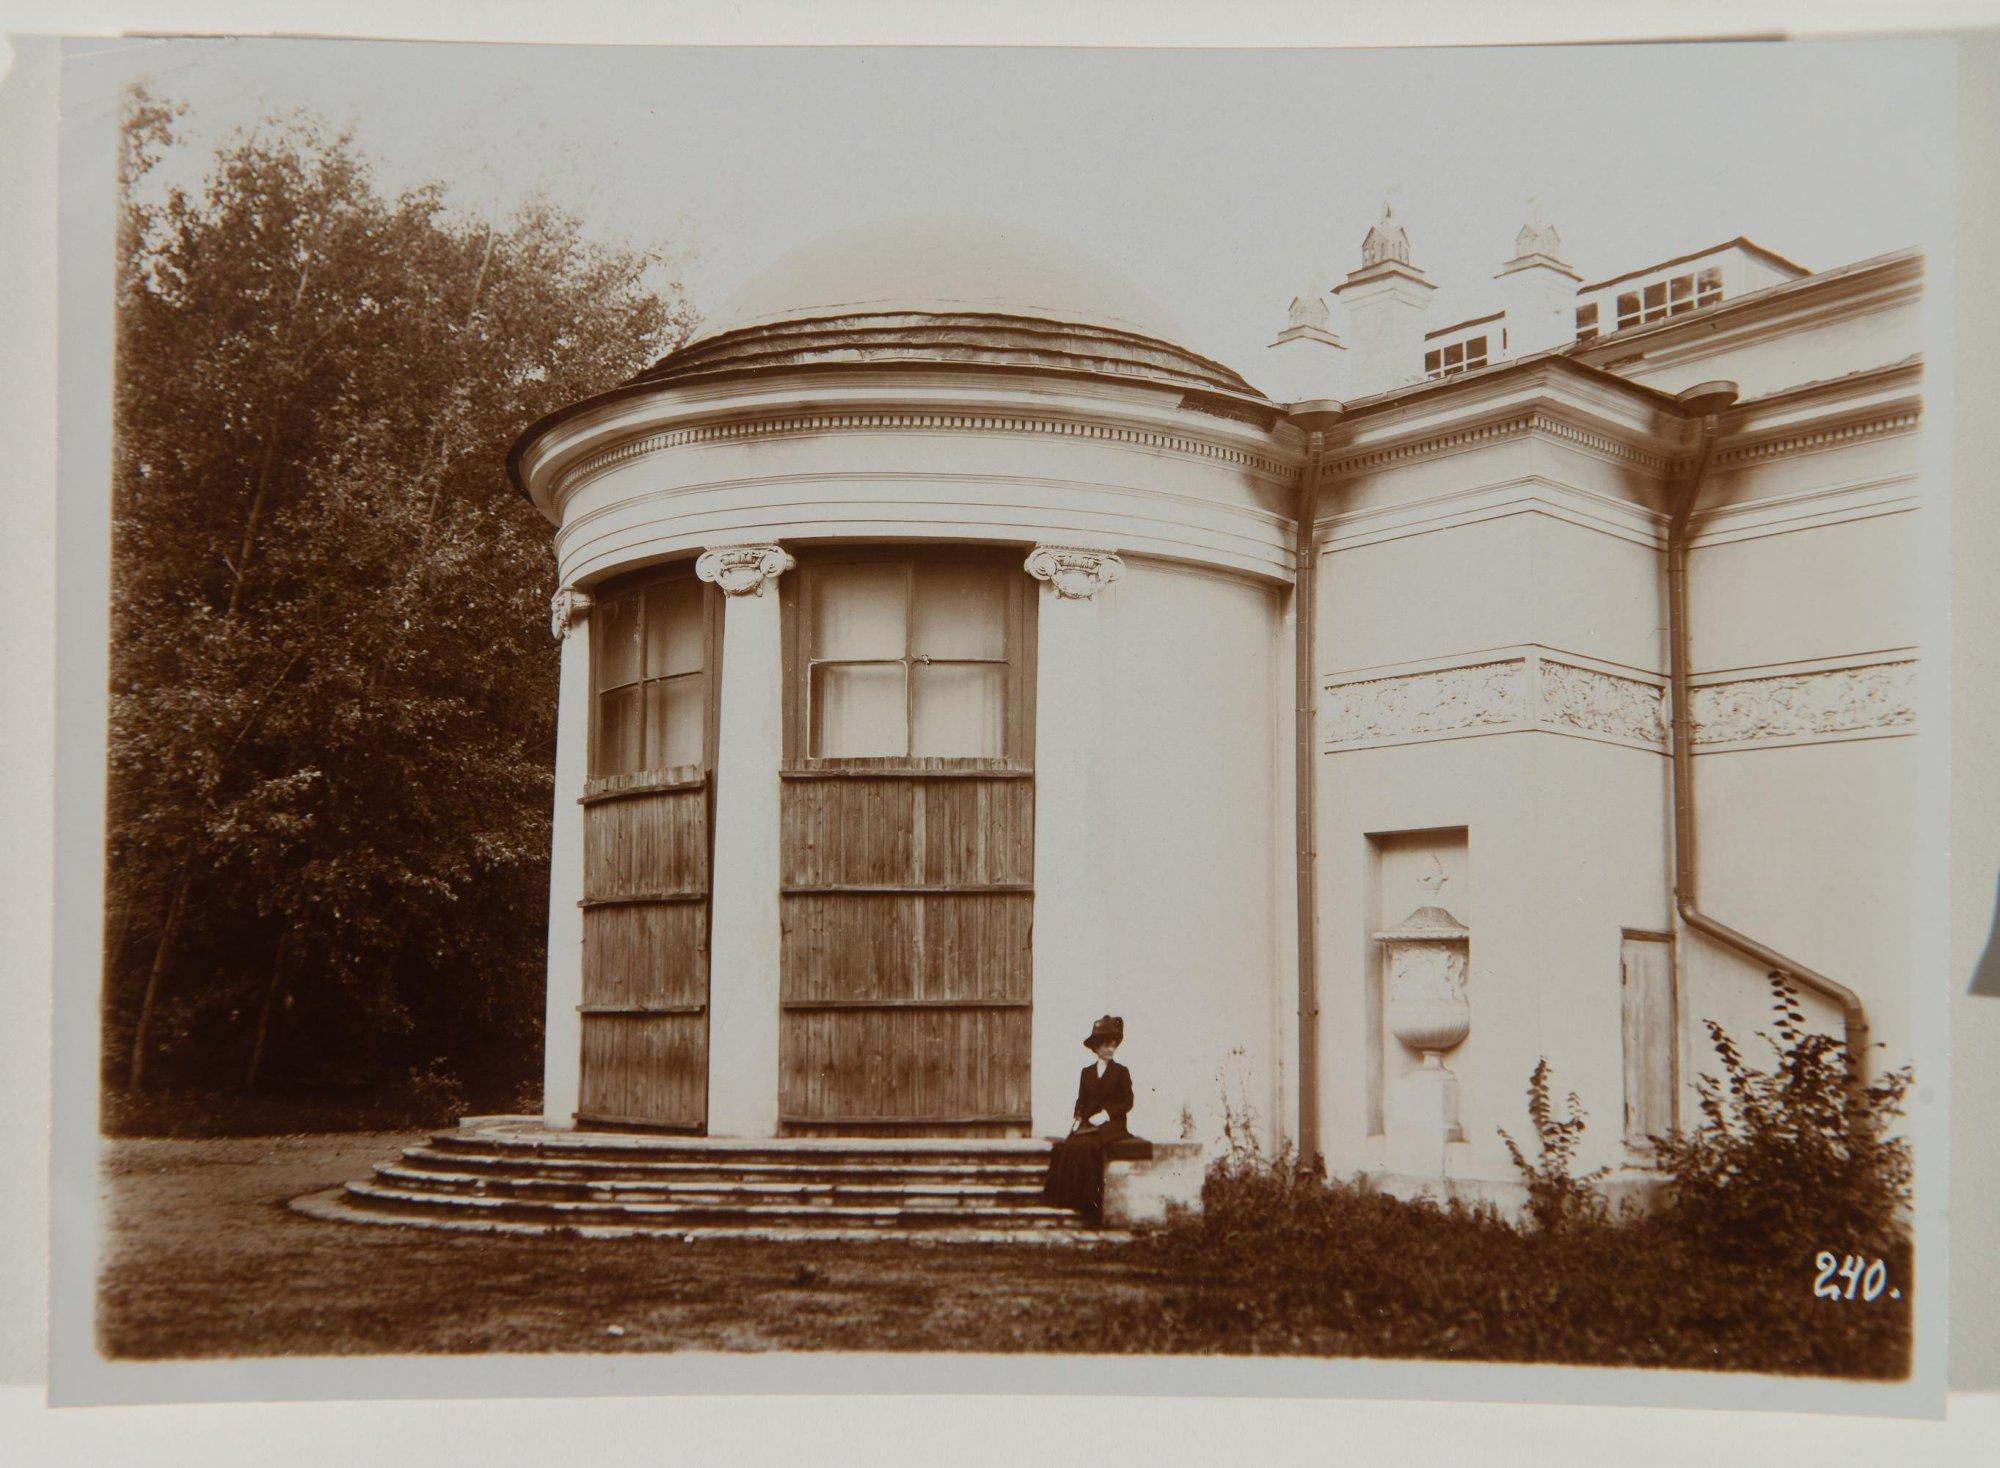 1910. Ротонда и Итальянский павильон дворца в Останкине